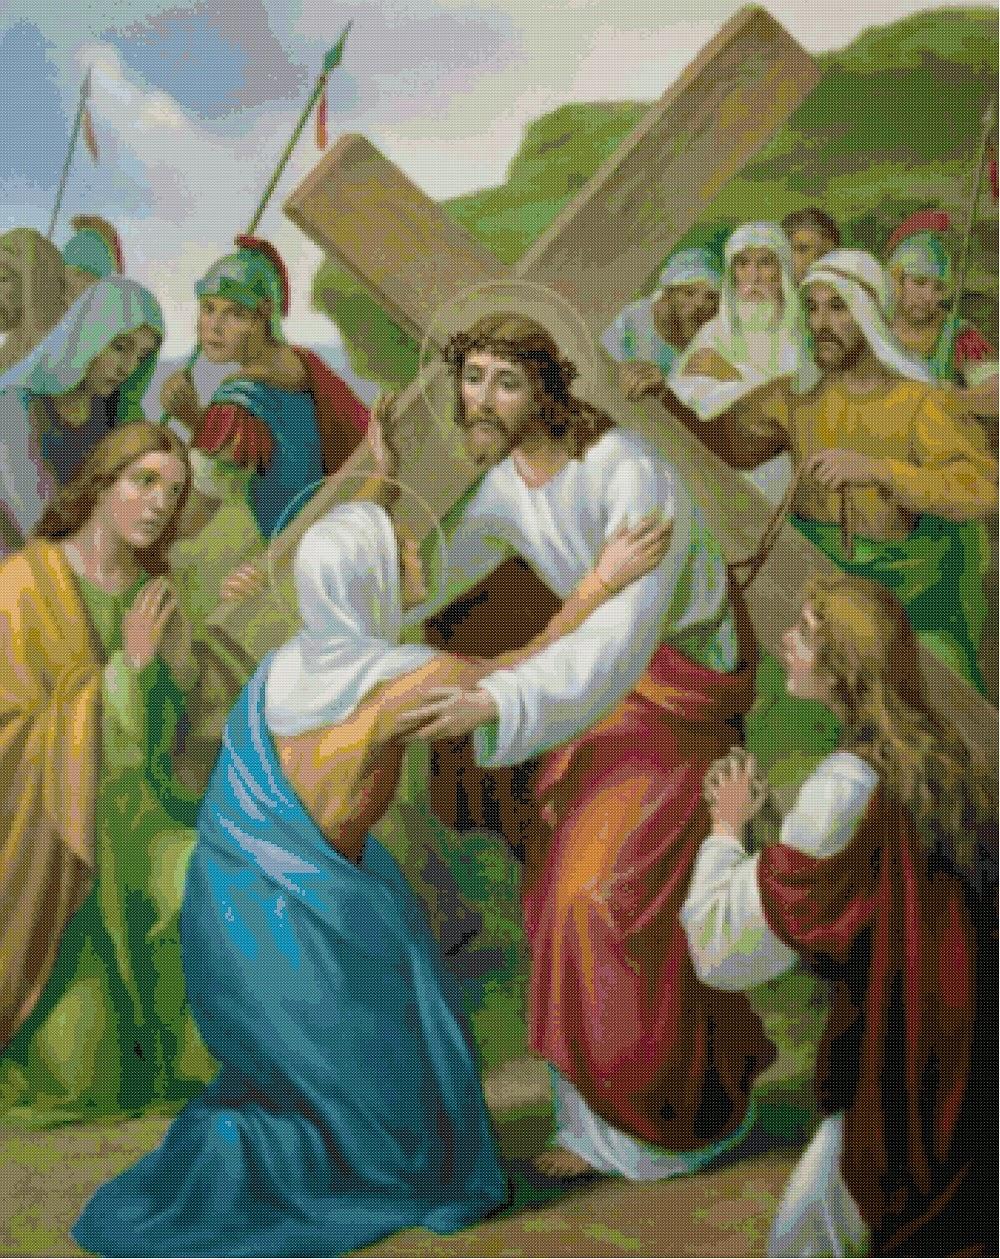 Donna schemi per il punto croce le stazioni della via crucis